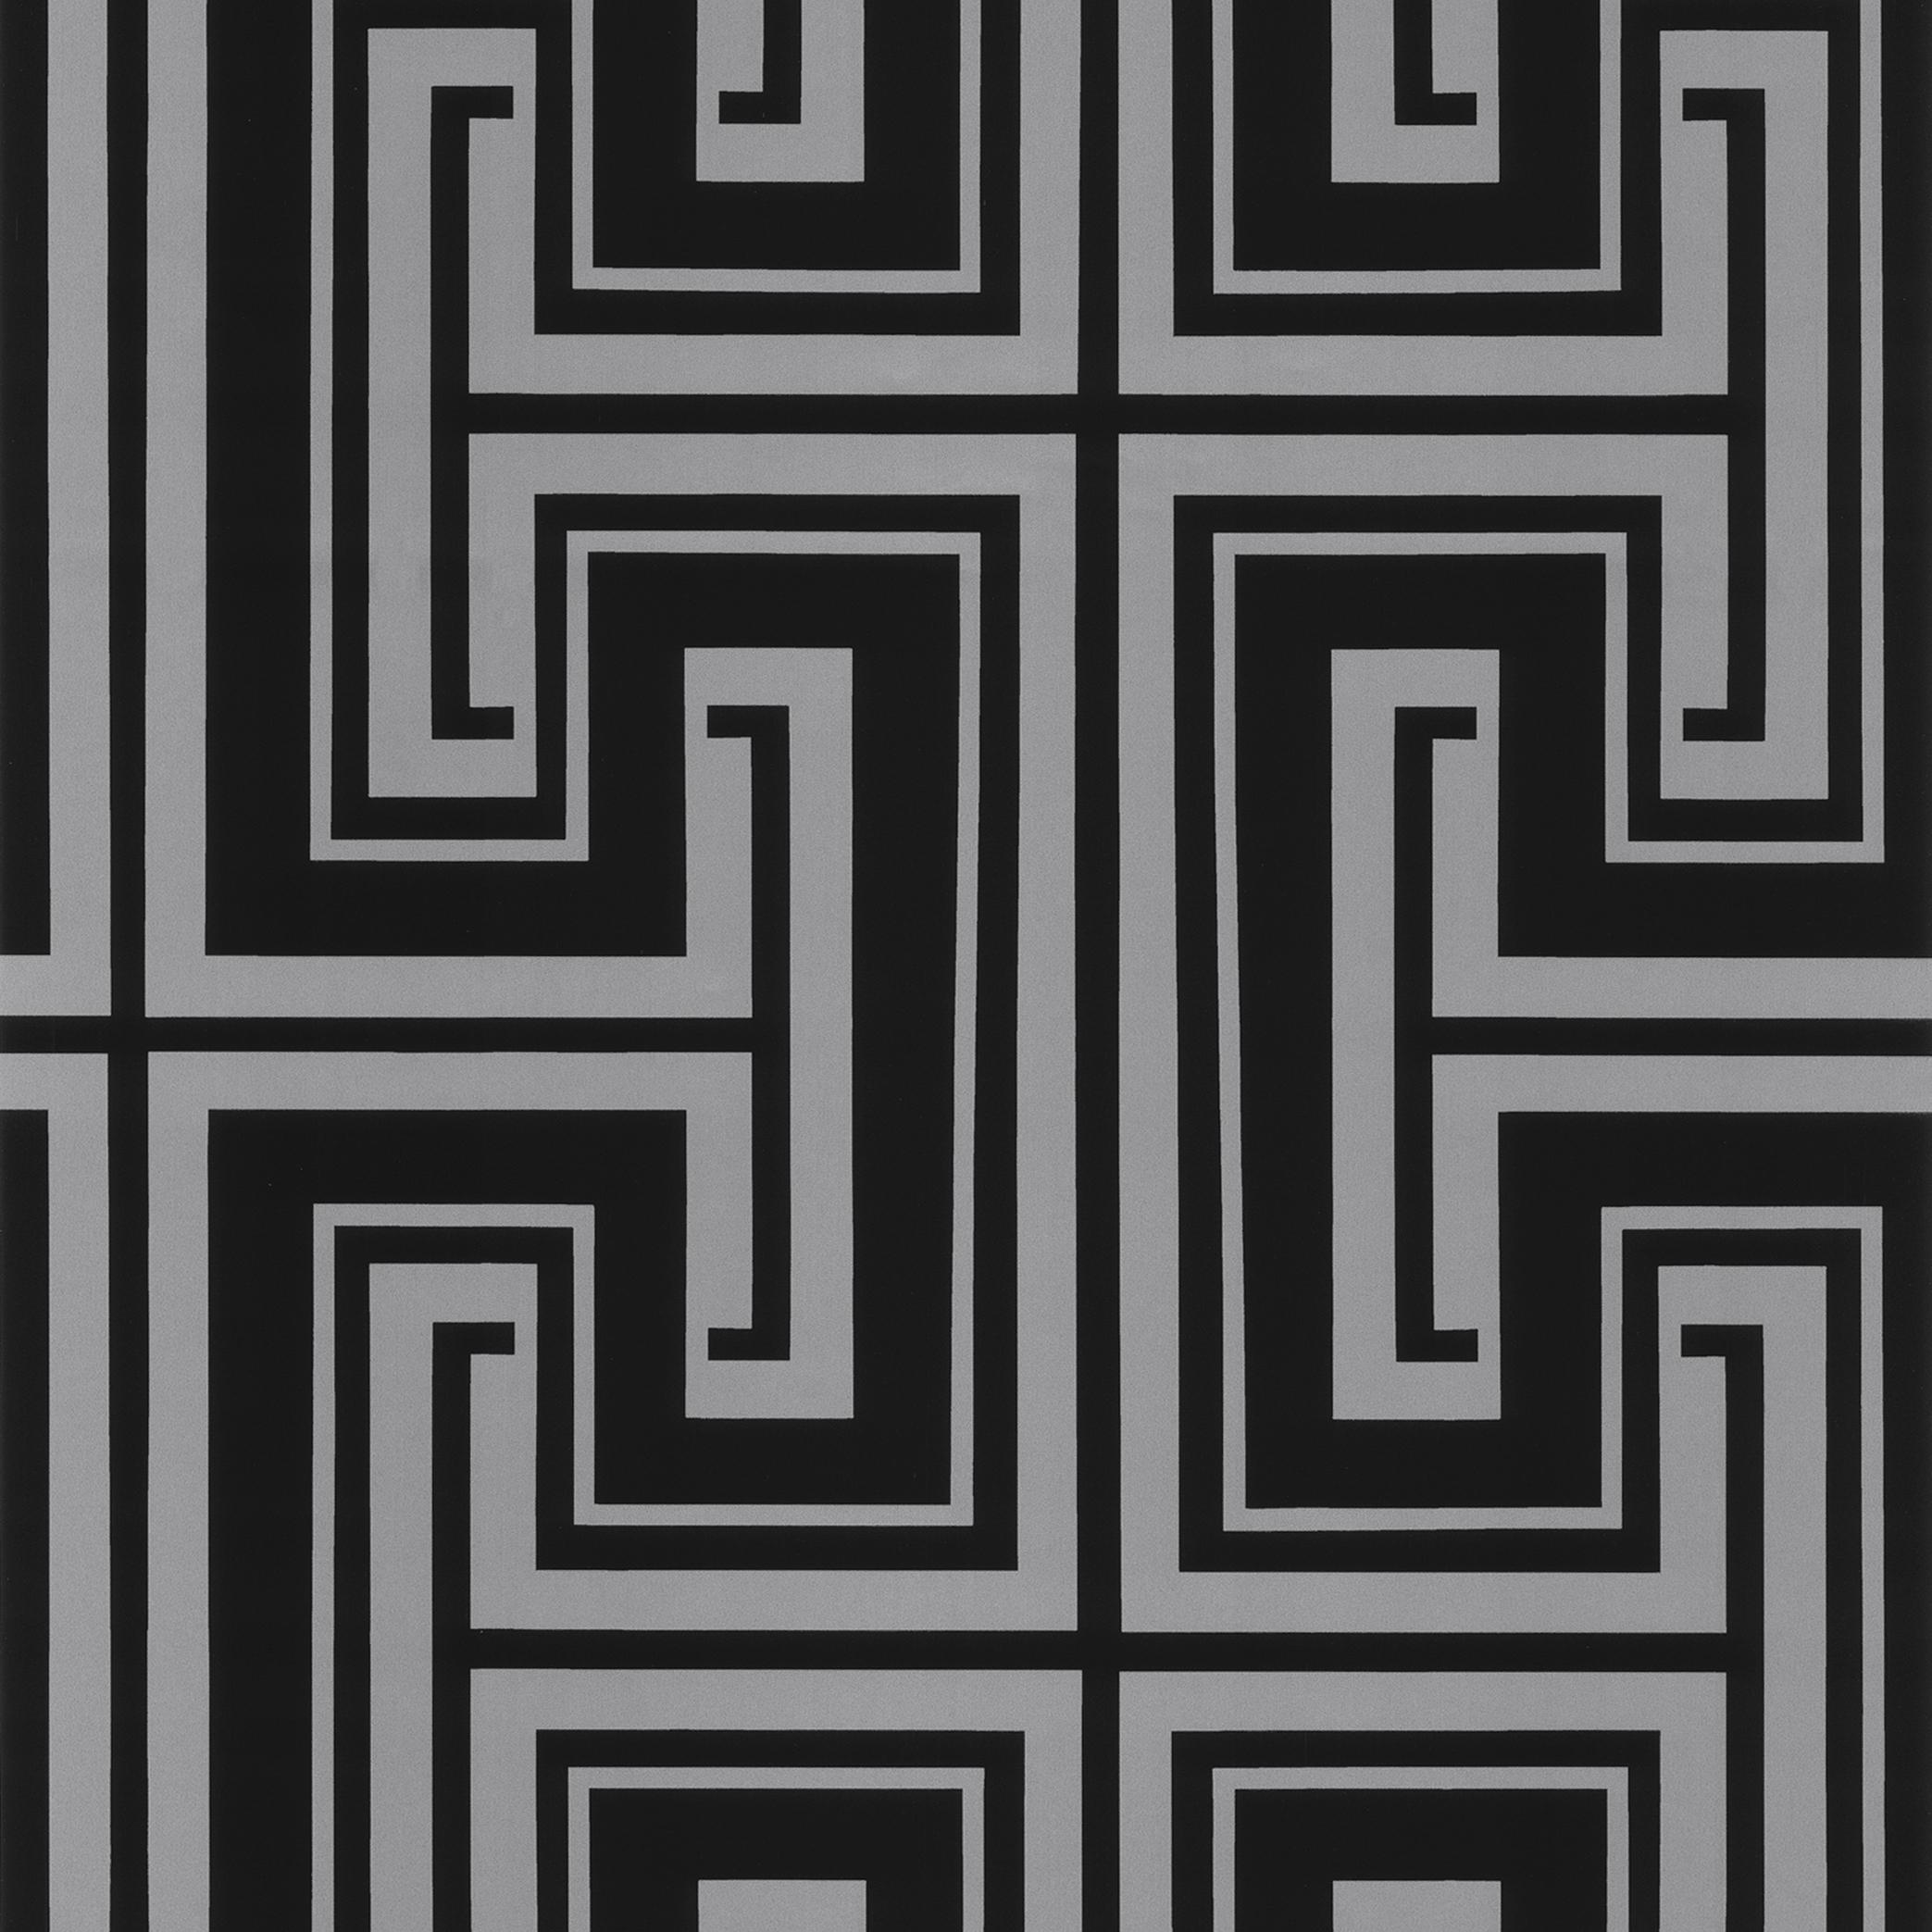 Shades - Retro Tapete - TU27126 (Schwarz/Silber)